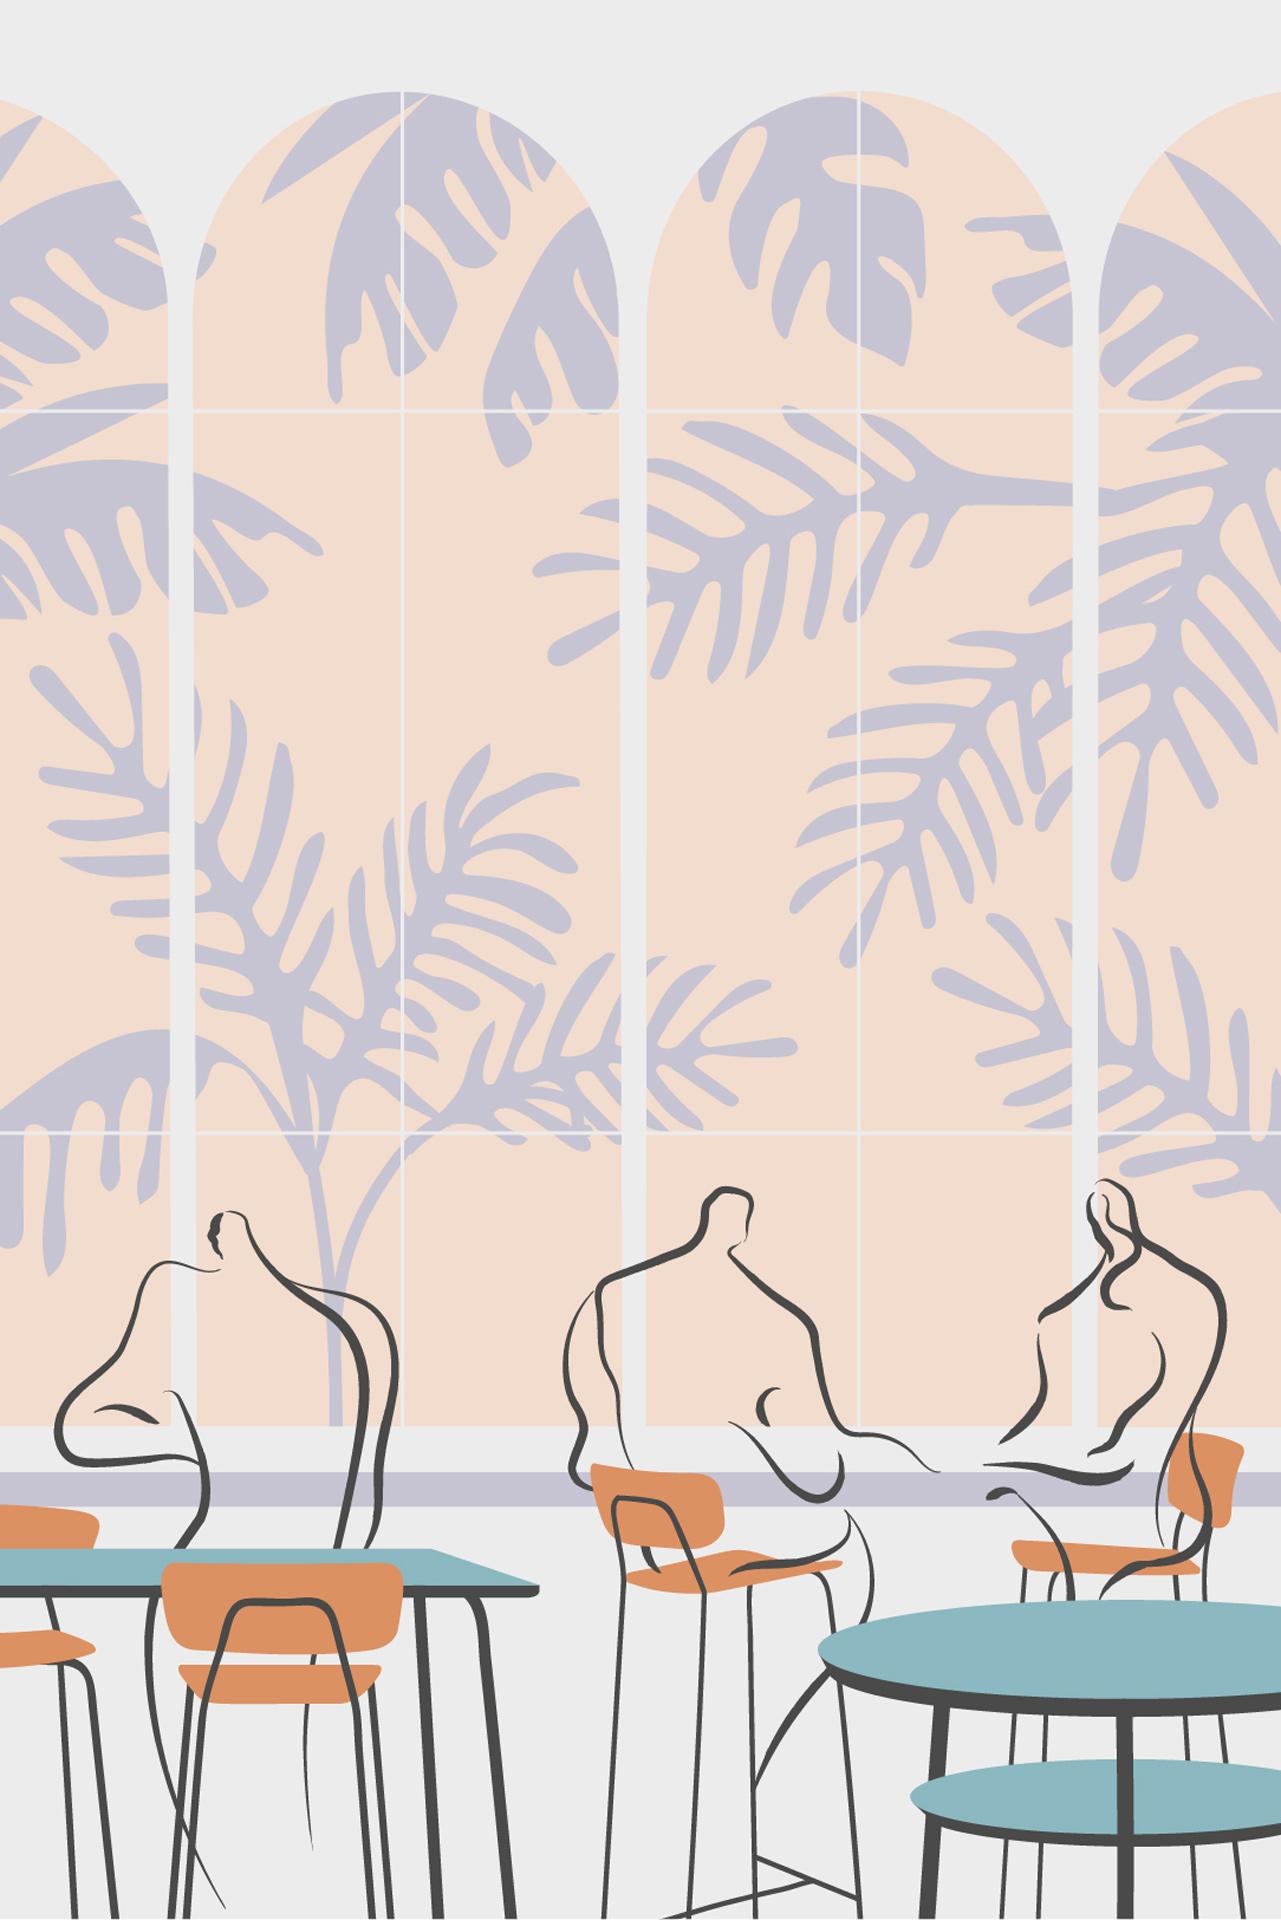 jeux_spaces_illustrazioni_esecutivo-02